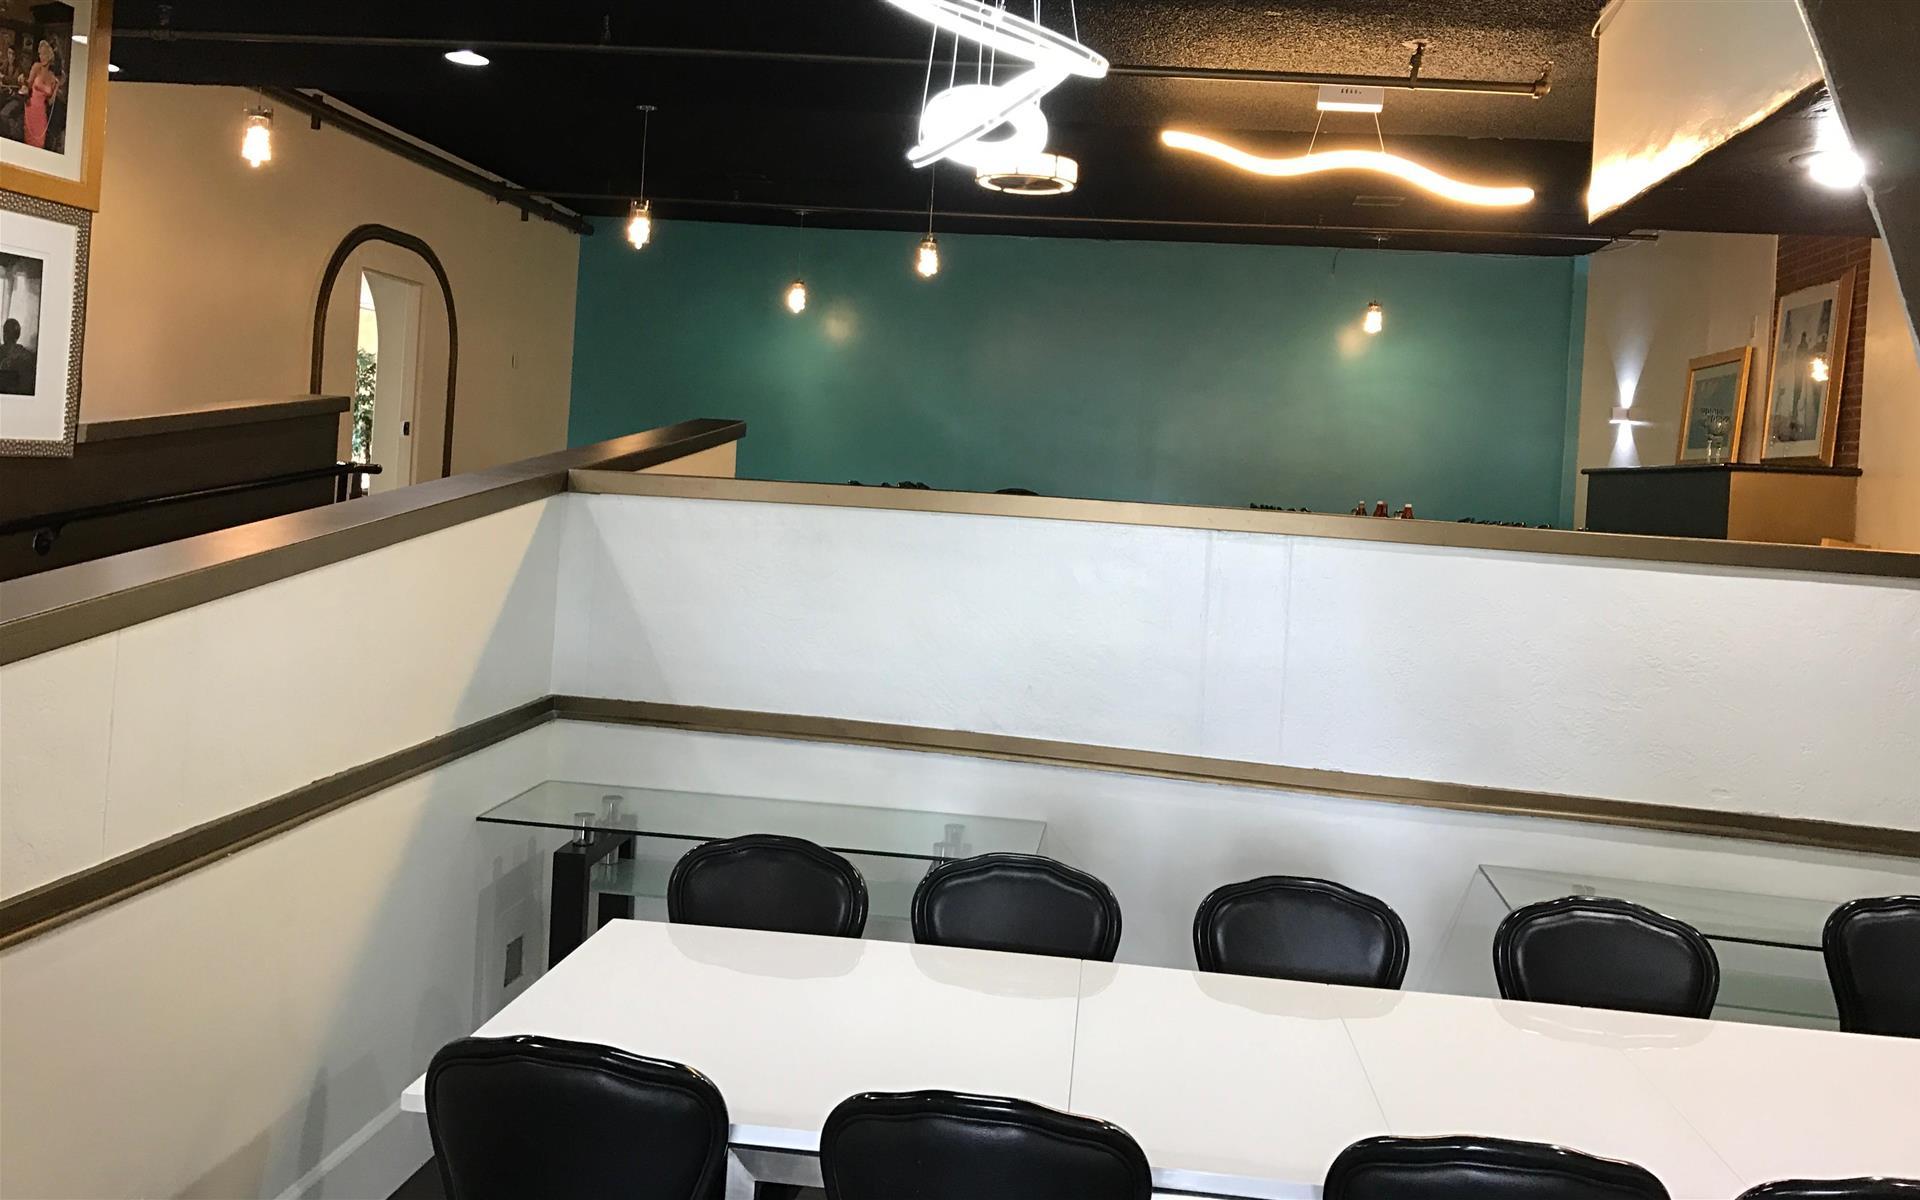 Qube Bar & Grill Restaurant - Private Board Room